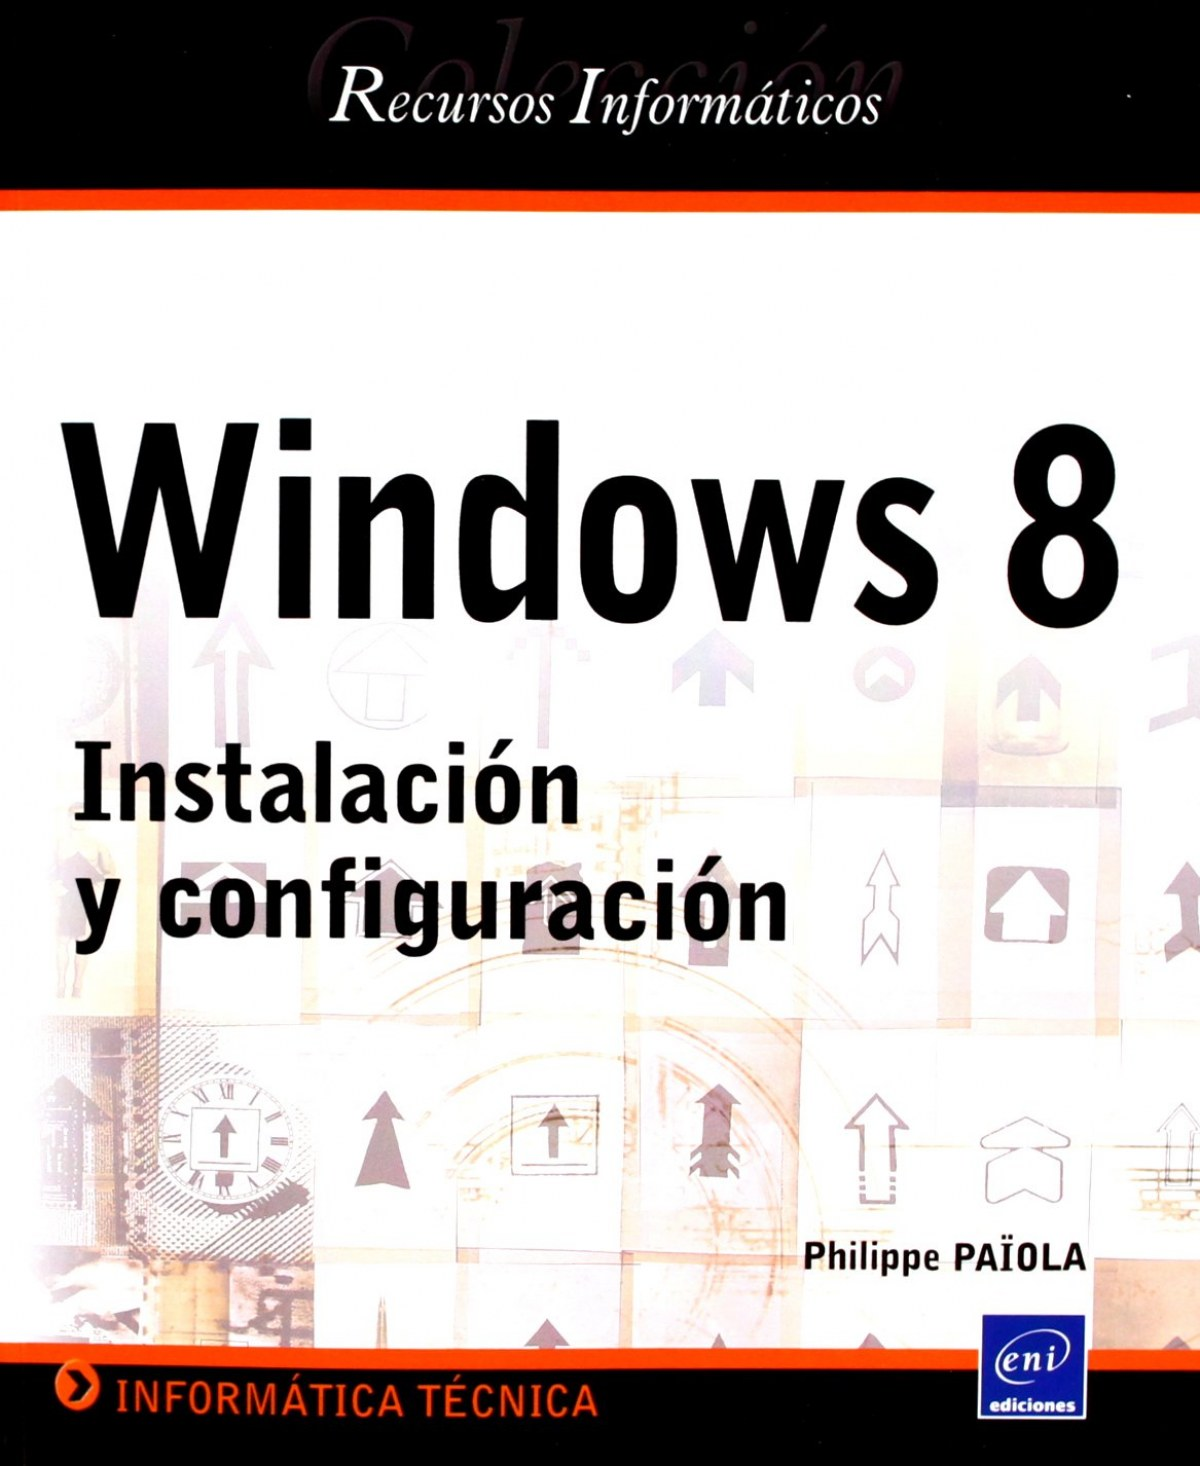 Recursos Inform. Windows 8 - Inst. y config.